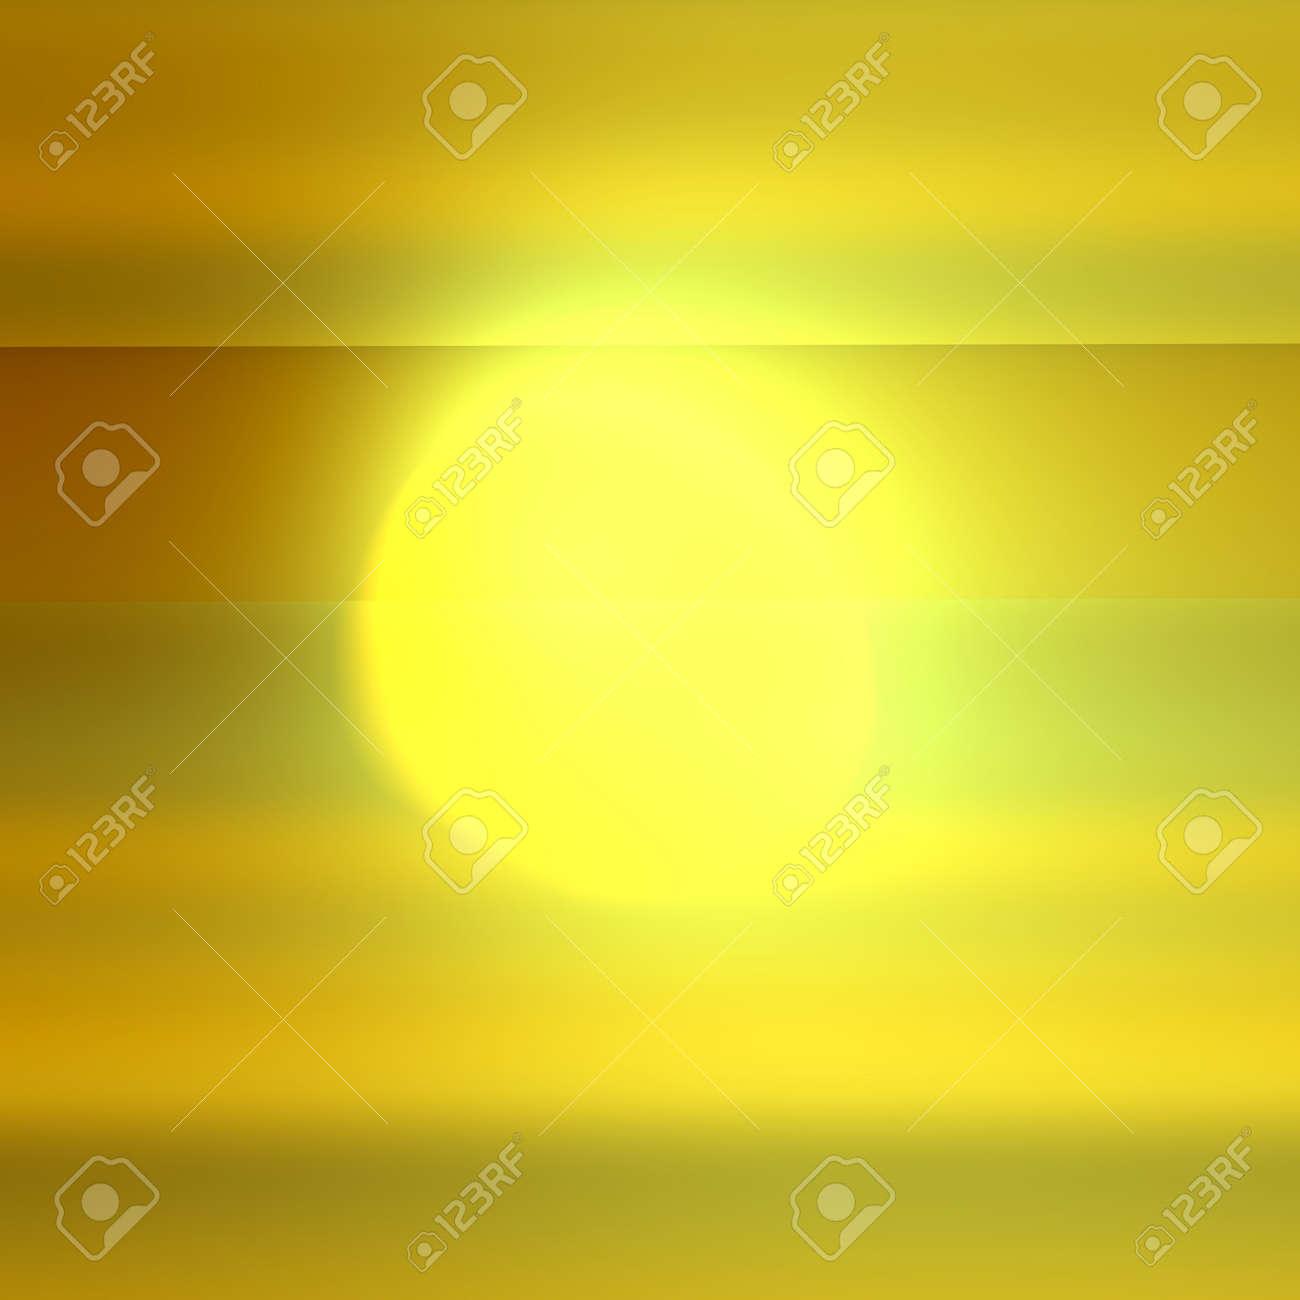 Abstrakt Scheinwerfer Oder Scheinwerfer. Lens Flare Effekt. Helles ...